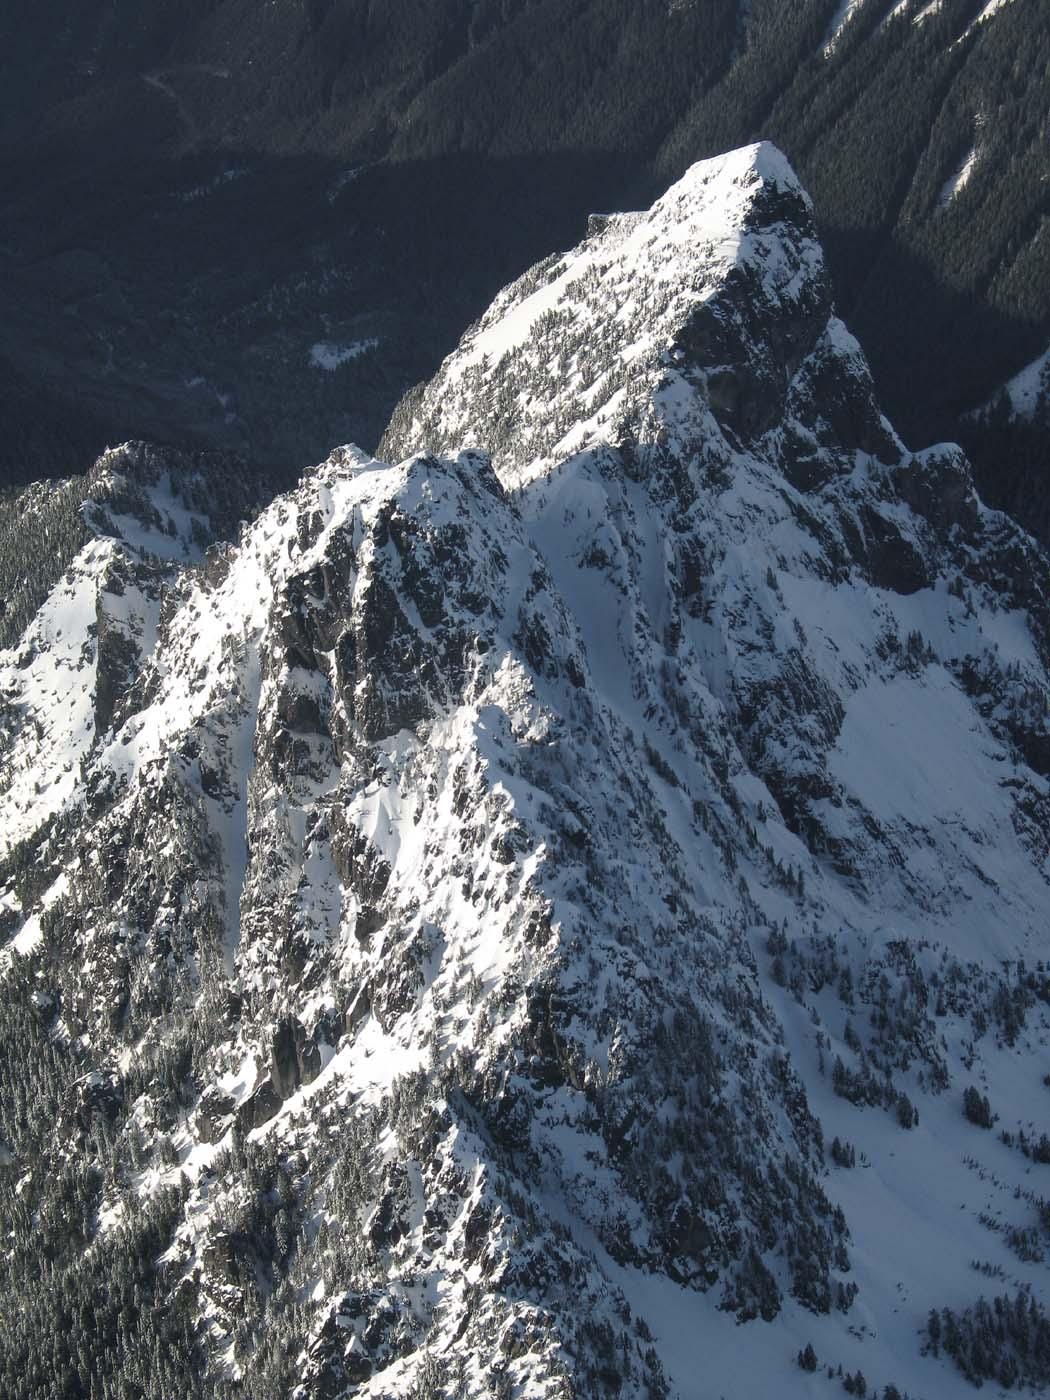 Baring E Ridge (Baring021506-5adj.jpg)